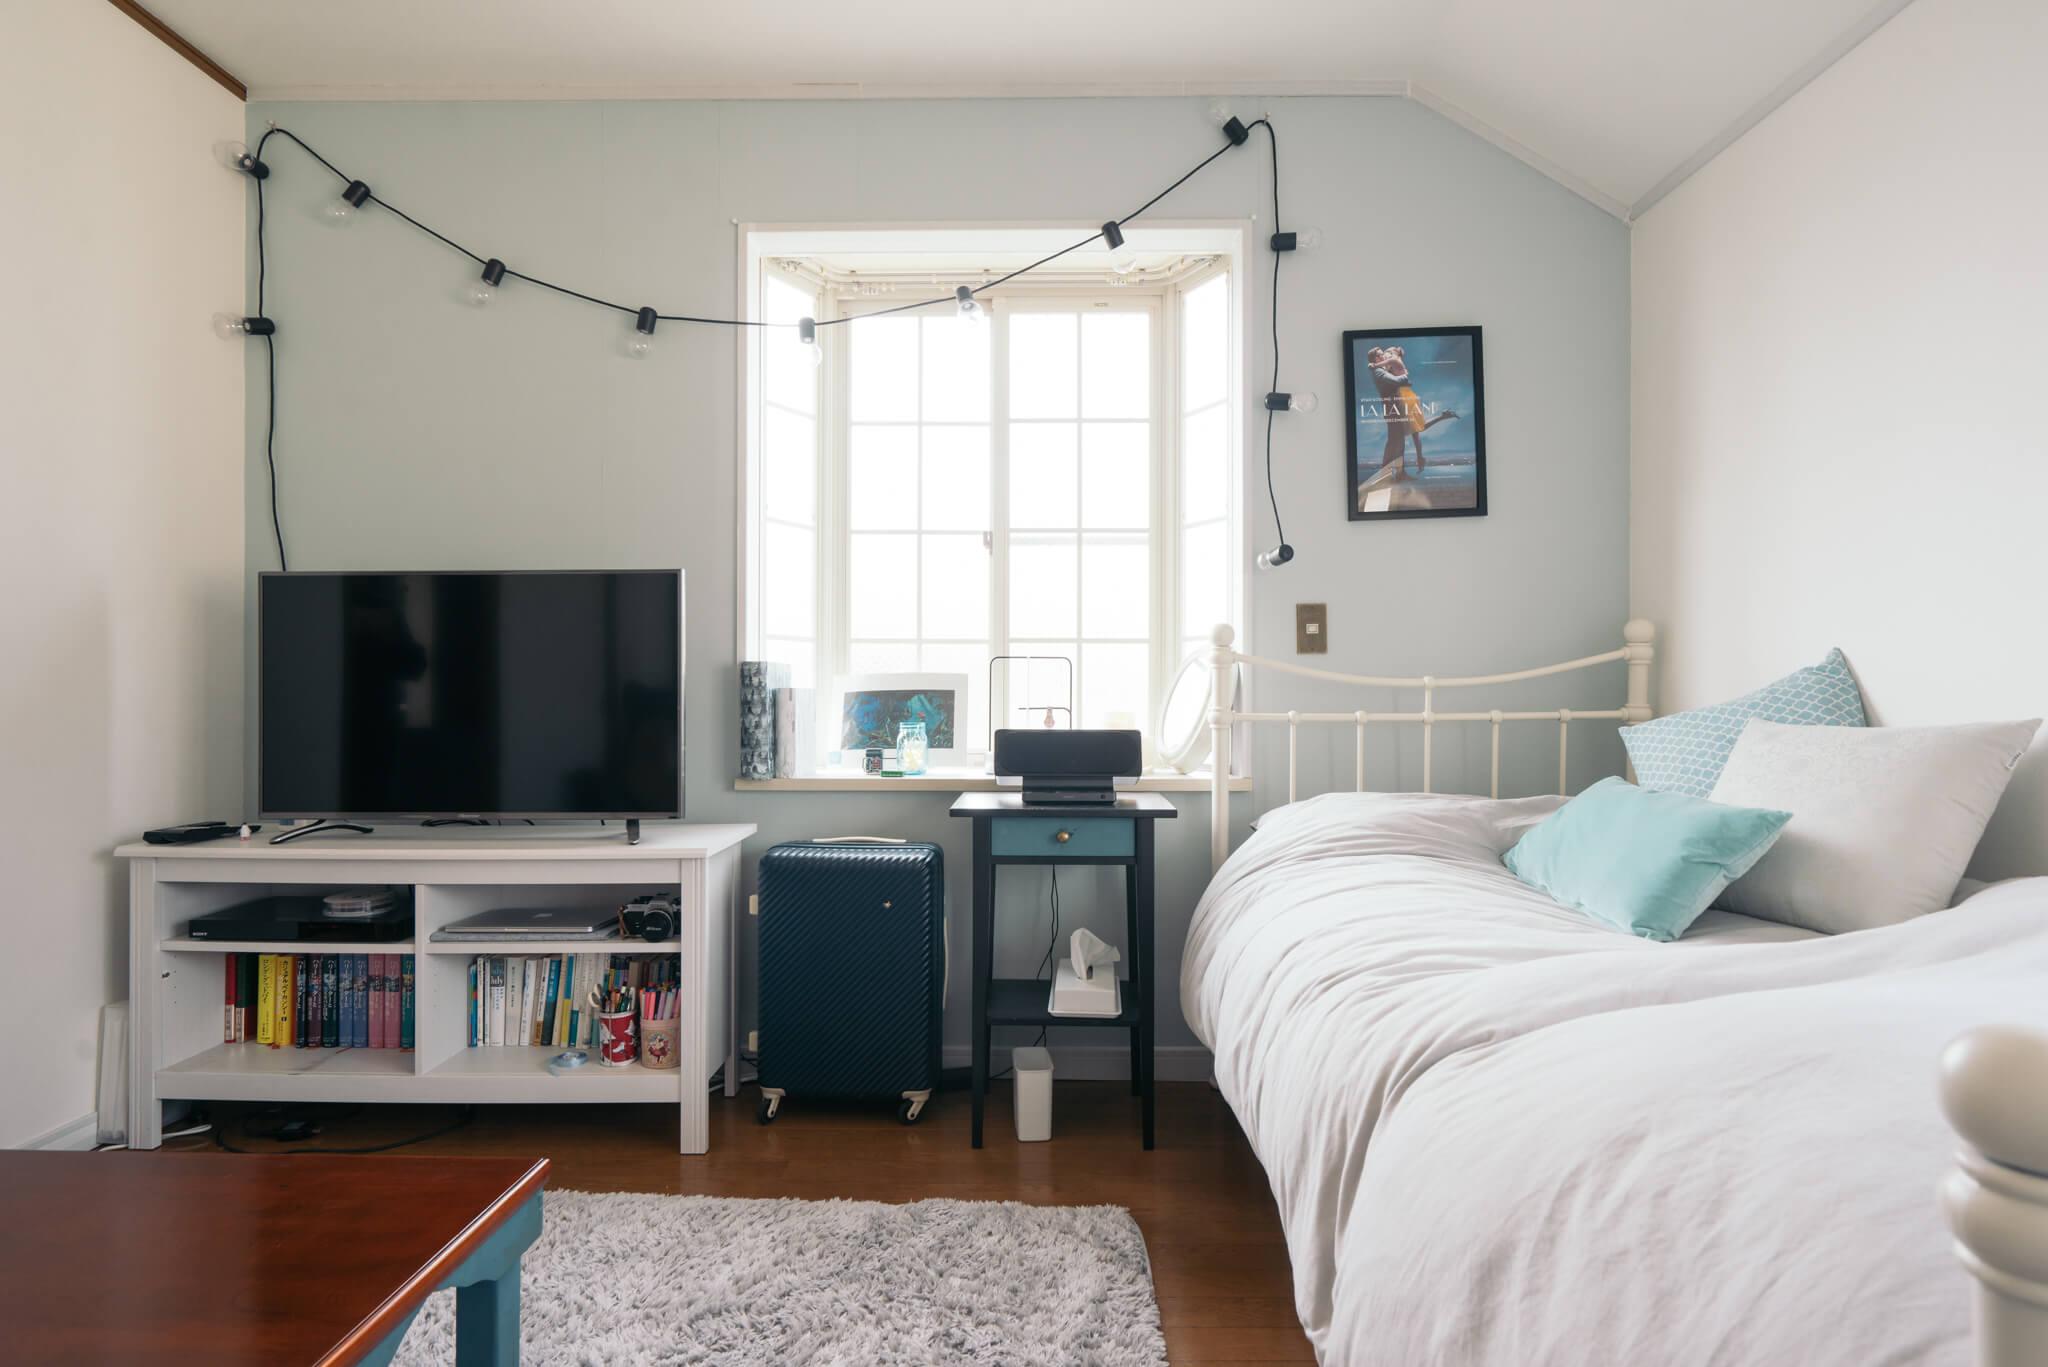 貼って剥がせる壁紙で淡いブルーの壁をつくり、クッションカバーなどのファブリックも青に合わせた、落ち着くお部屋。